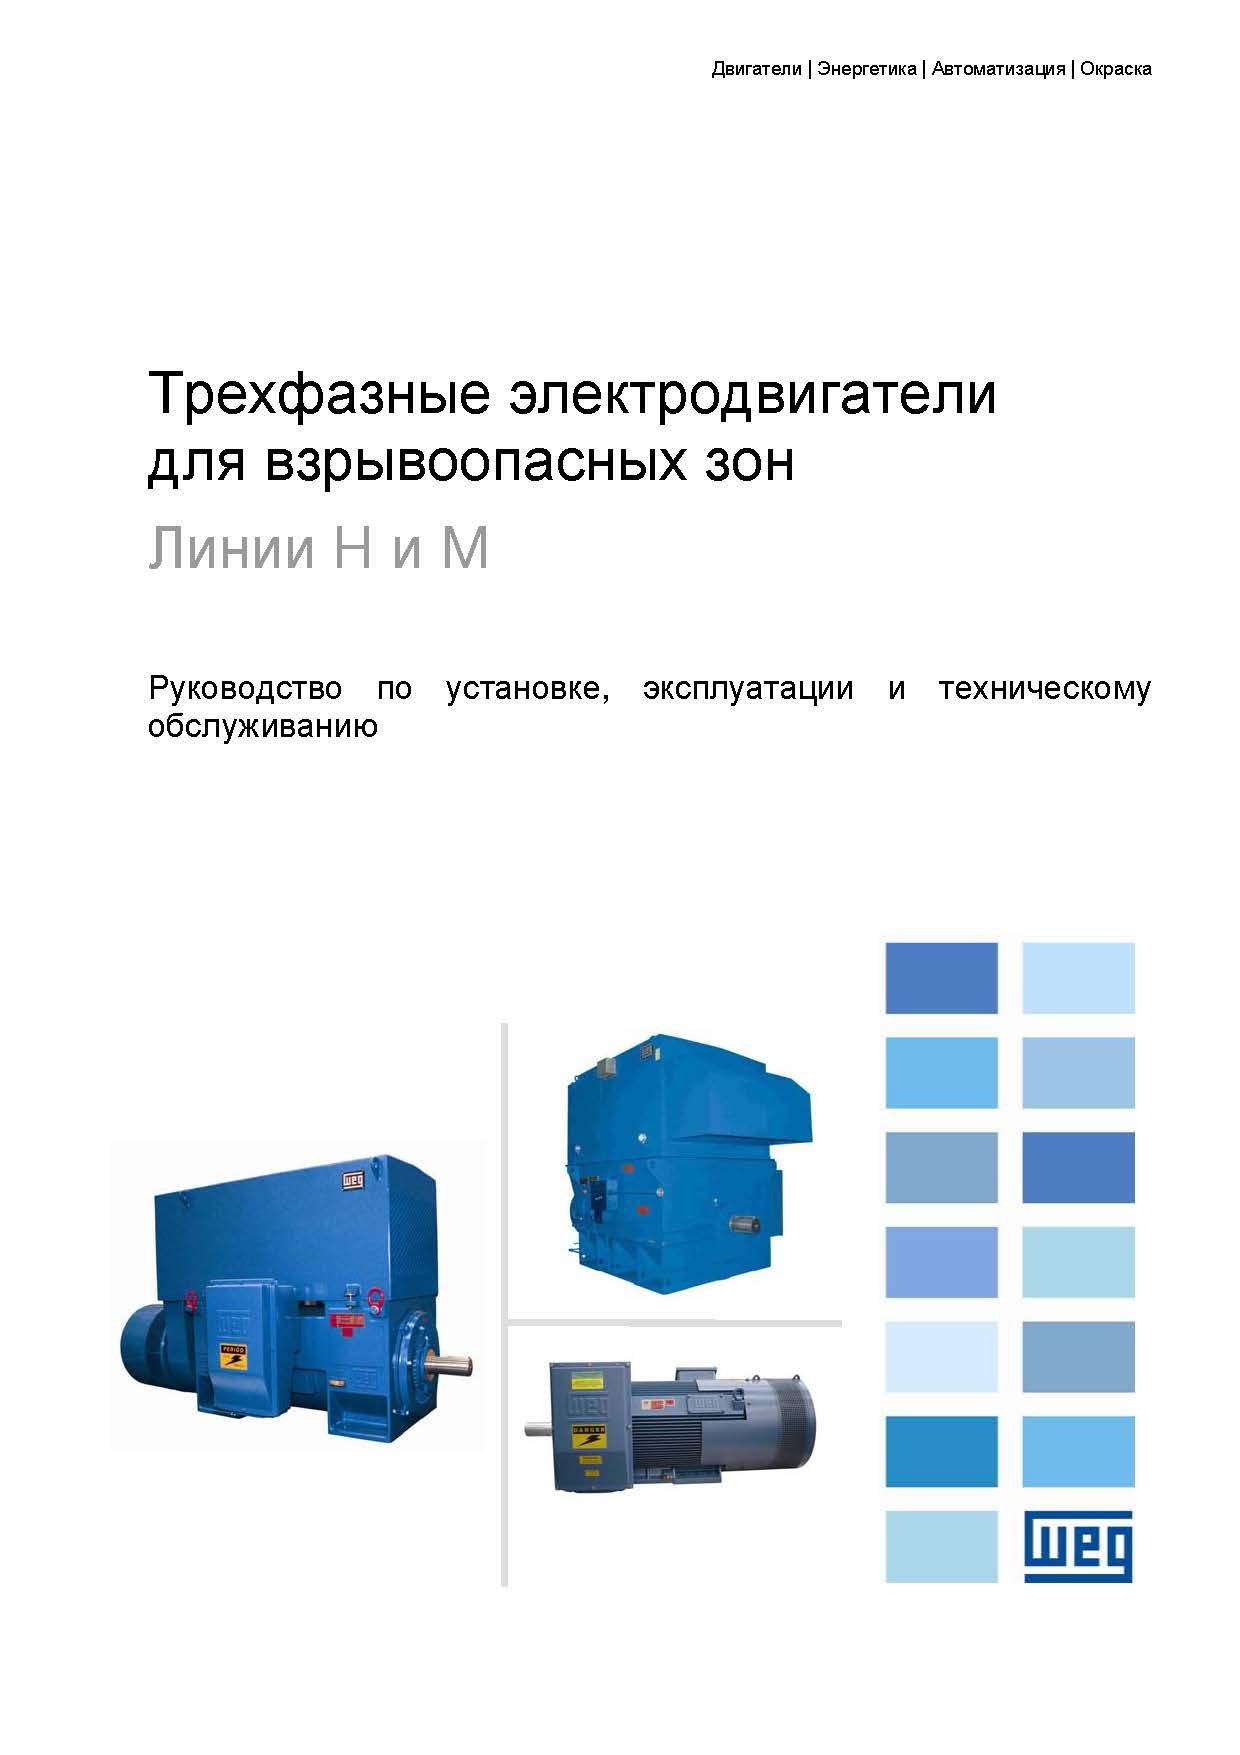 Трифазні електродвигуни для вибухонебезпечних зон. Лінії Н і М